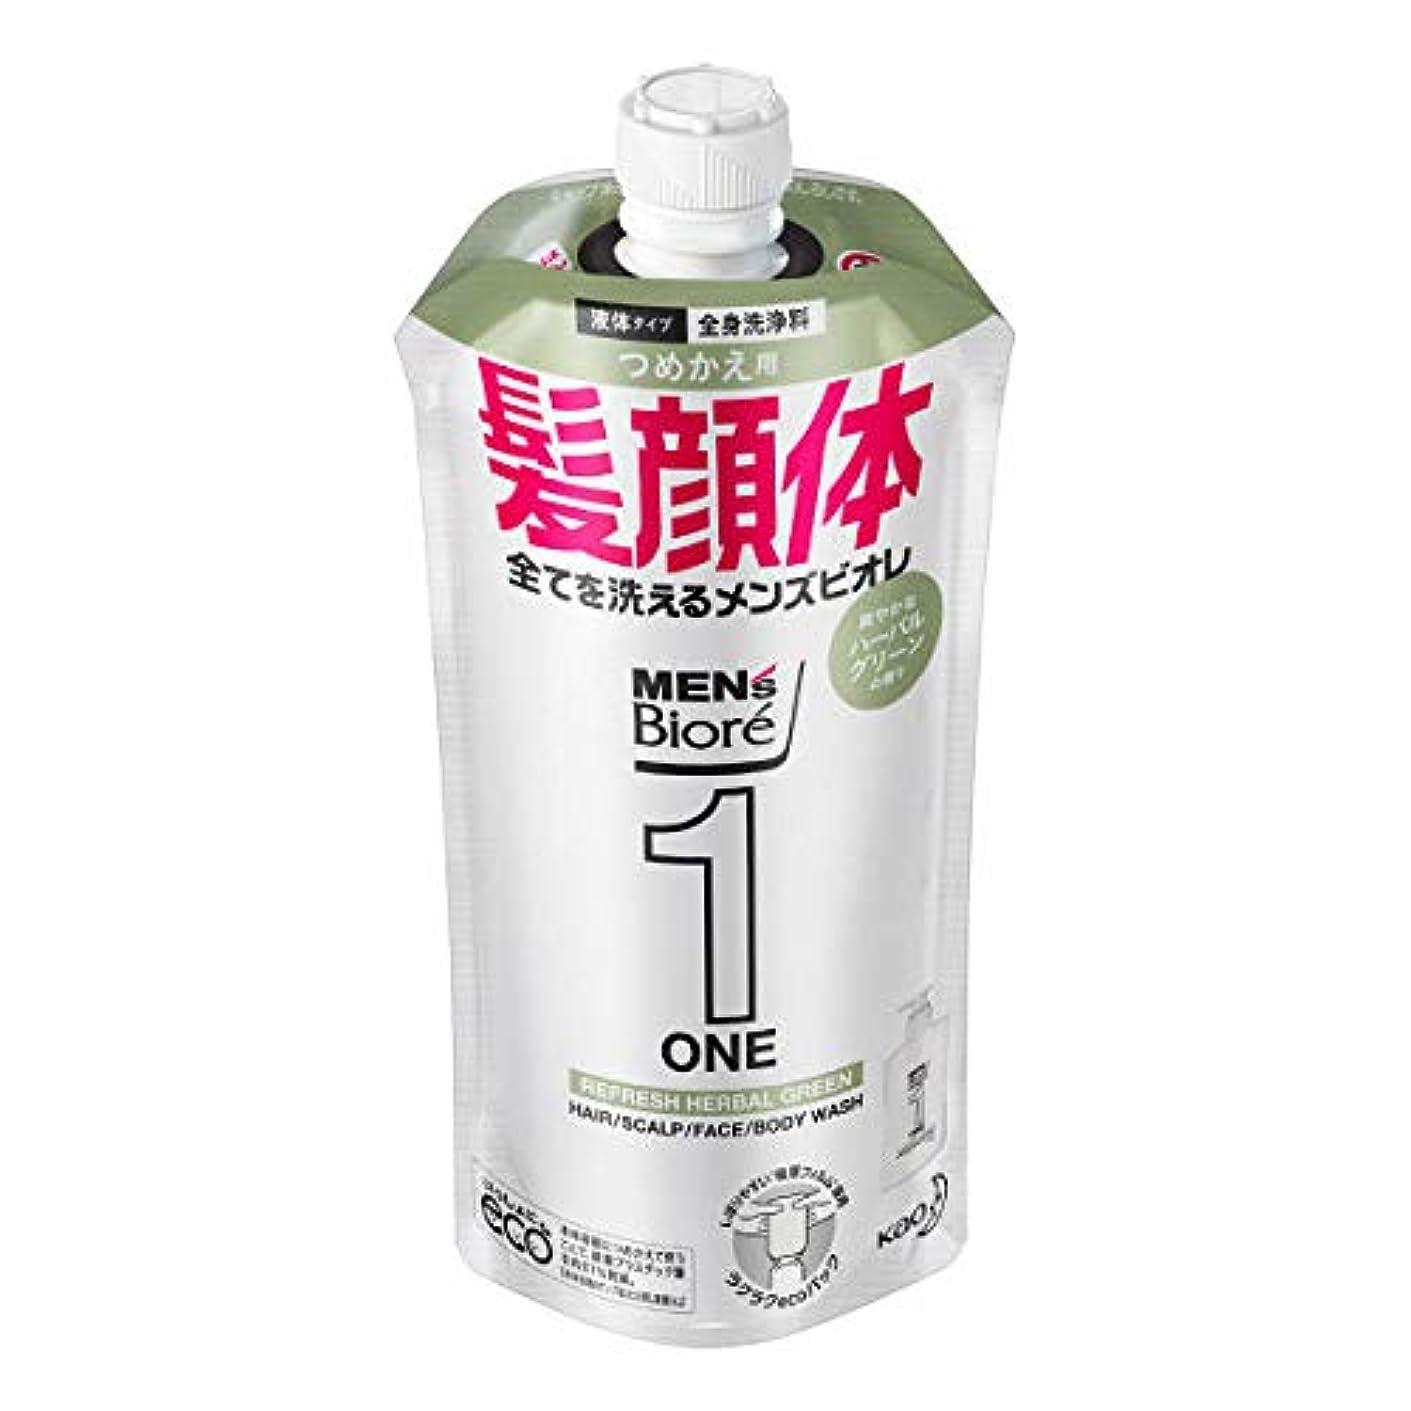 メディカル熱心菊メンズビオレONE オールインワン全身洗浄料 爽やかなハーブルグリーンの香り つめかえ用 340mL